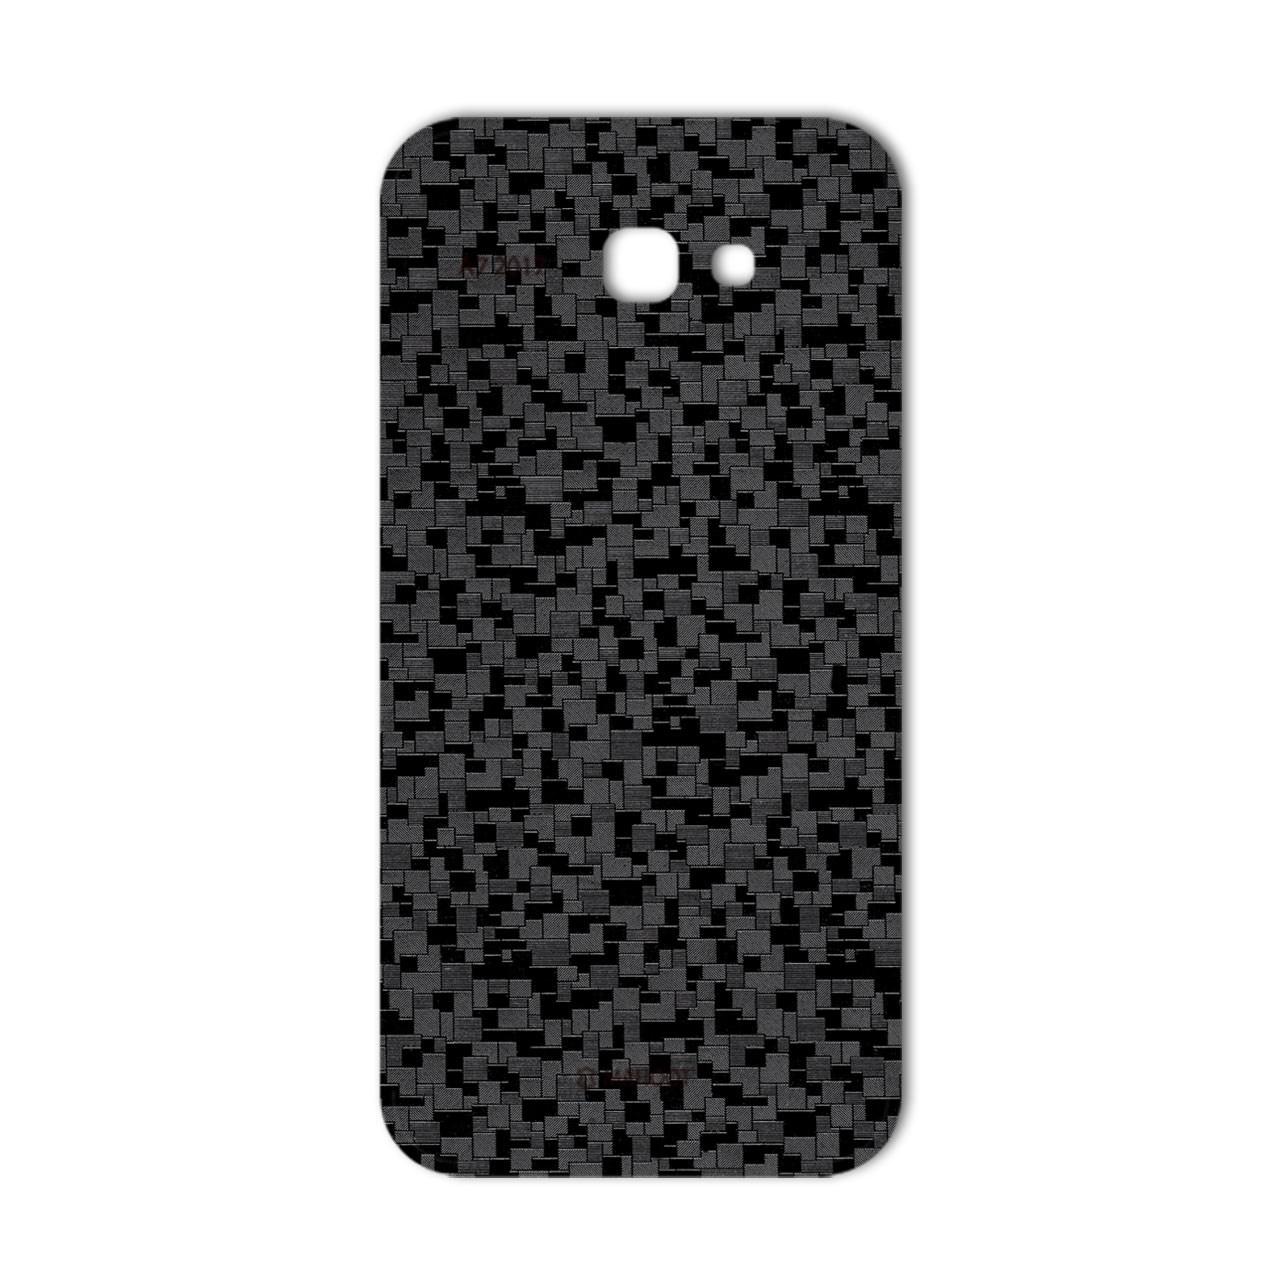 برچسب تزئینی ماهوت مدل Silicon Texture مناسب برای گوشی  Samsung A7 2017